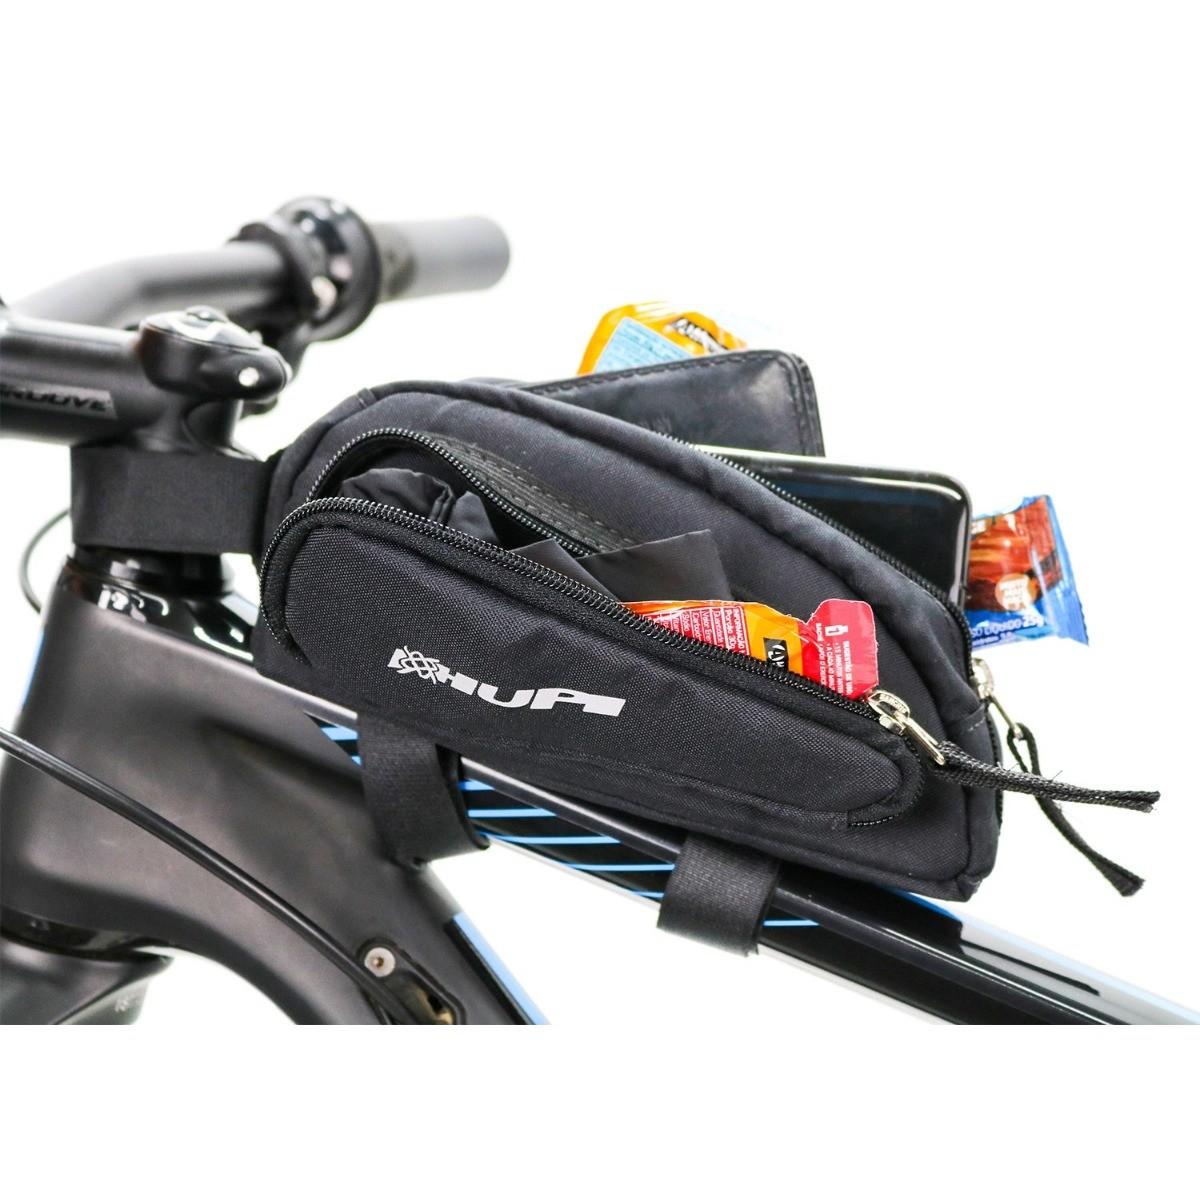 Bolsa De Quadro Hupi Travel Preto Ciclismo Bicicleta